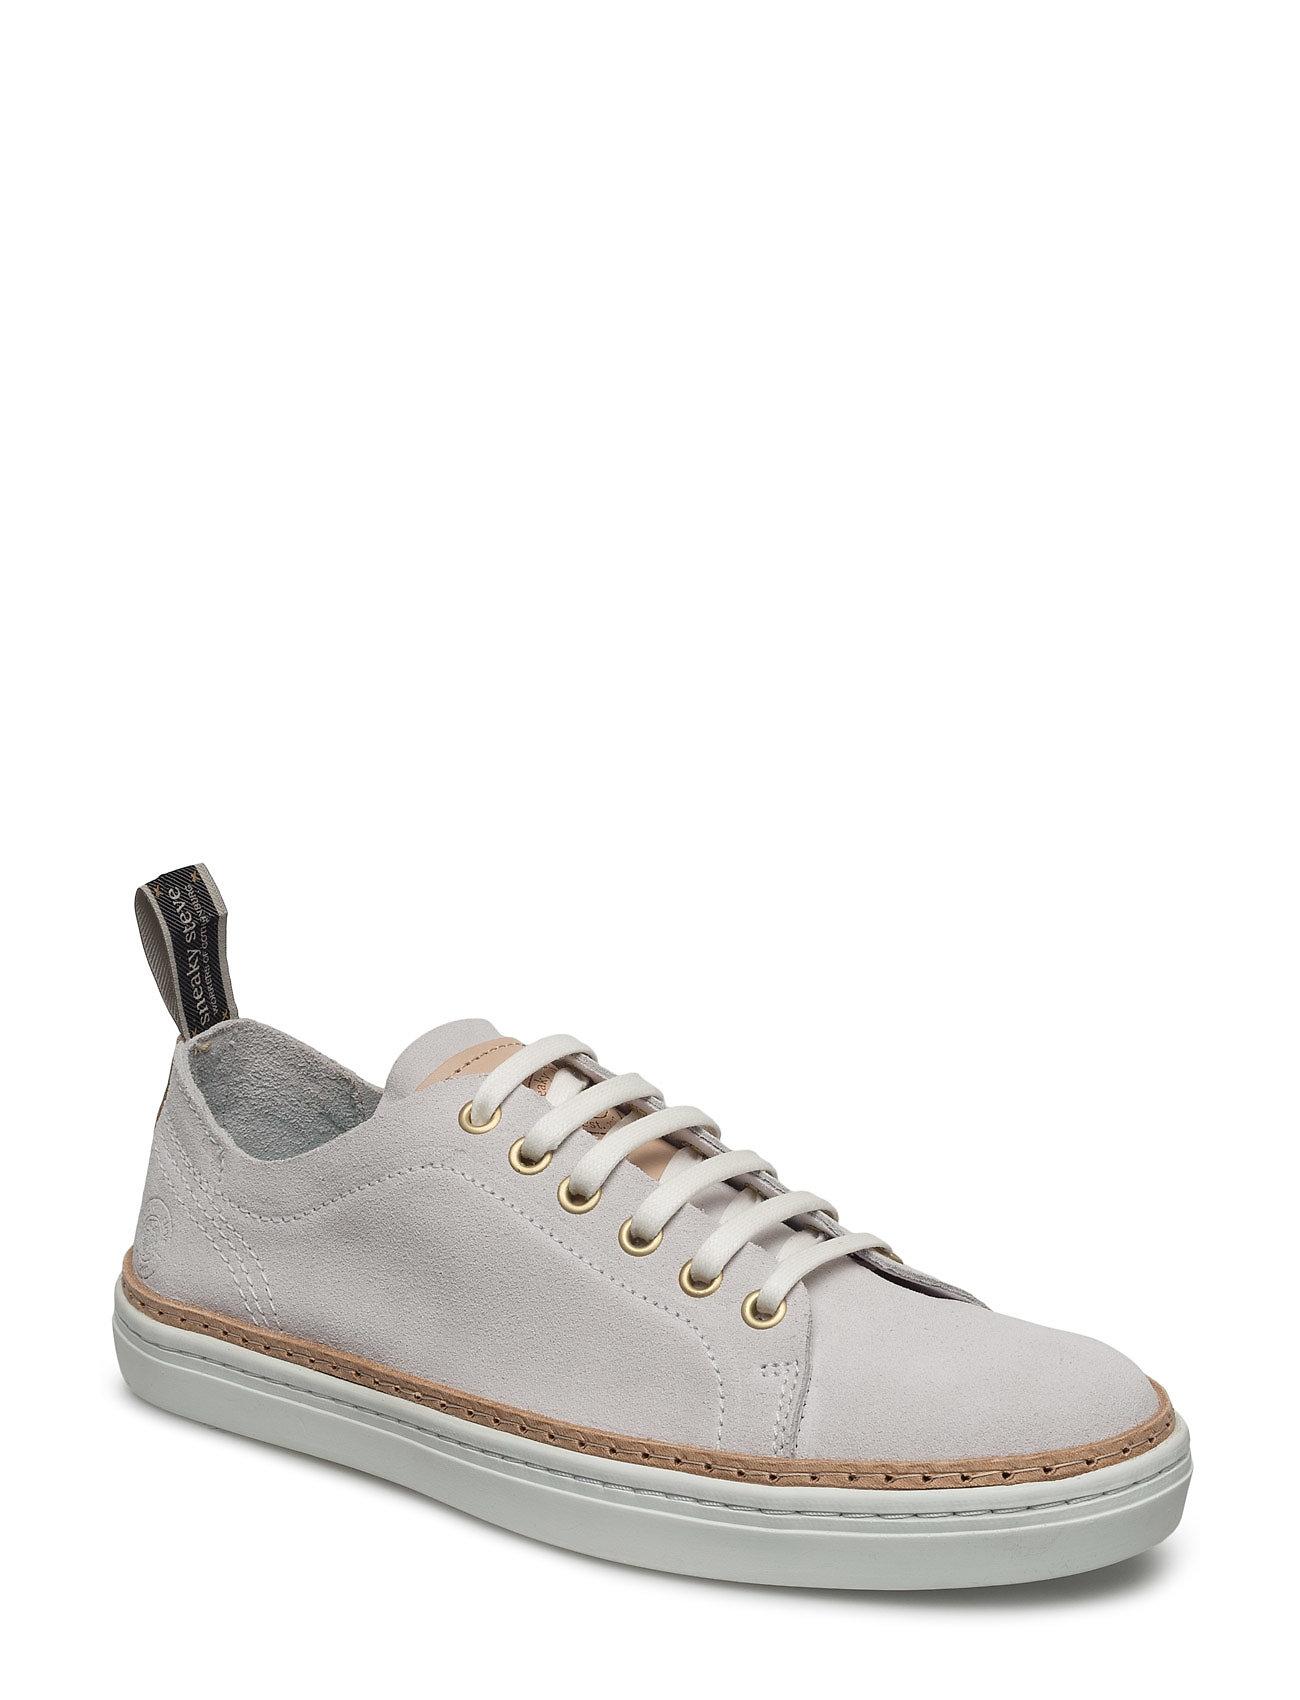 Silvermine Low Sneaky Steve Sneakers til Herrer i hvid